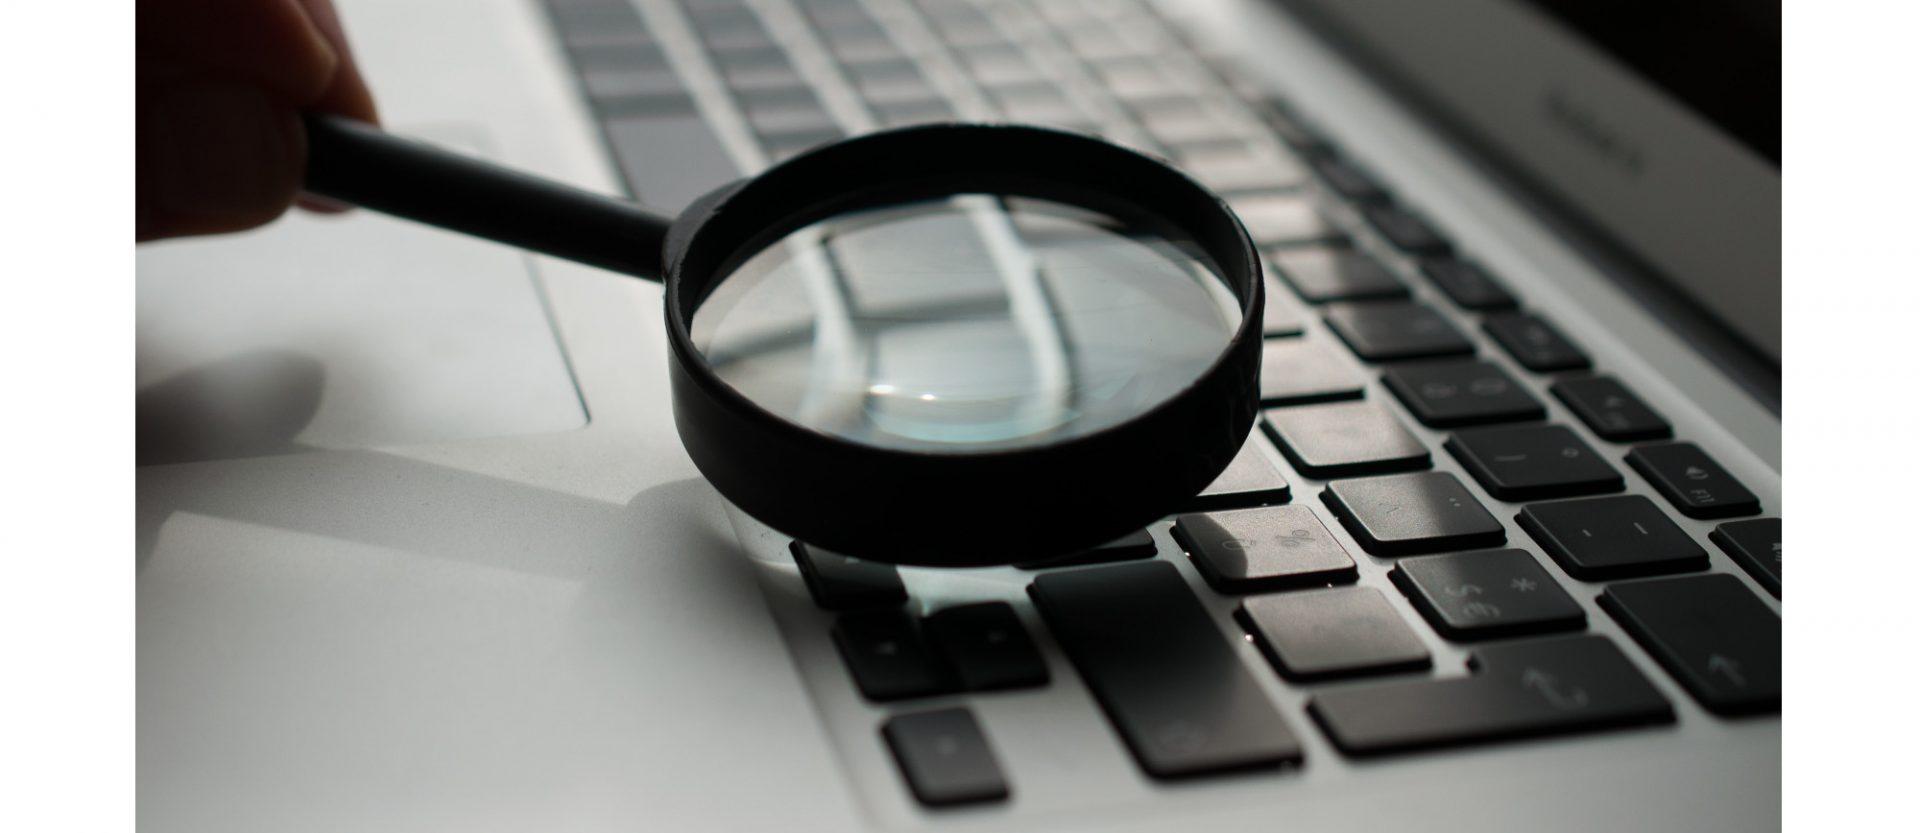 Saavutettavuusauditointi paljastaa sivuston kehityskohdat